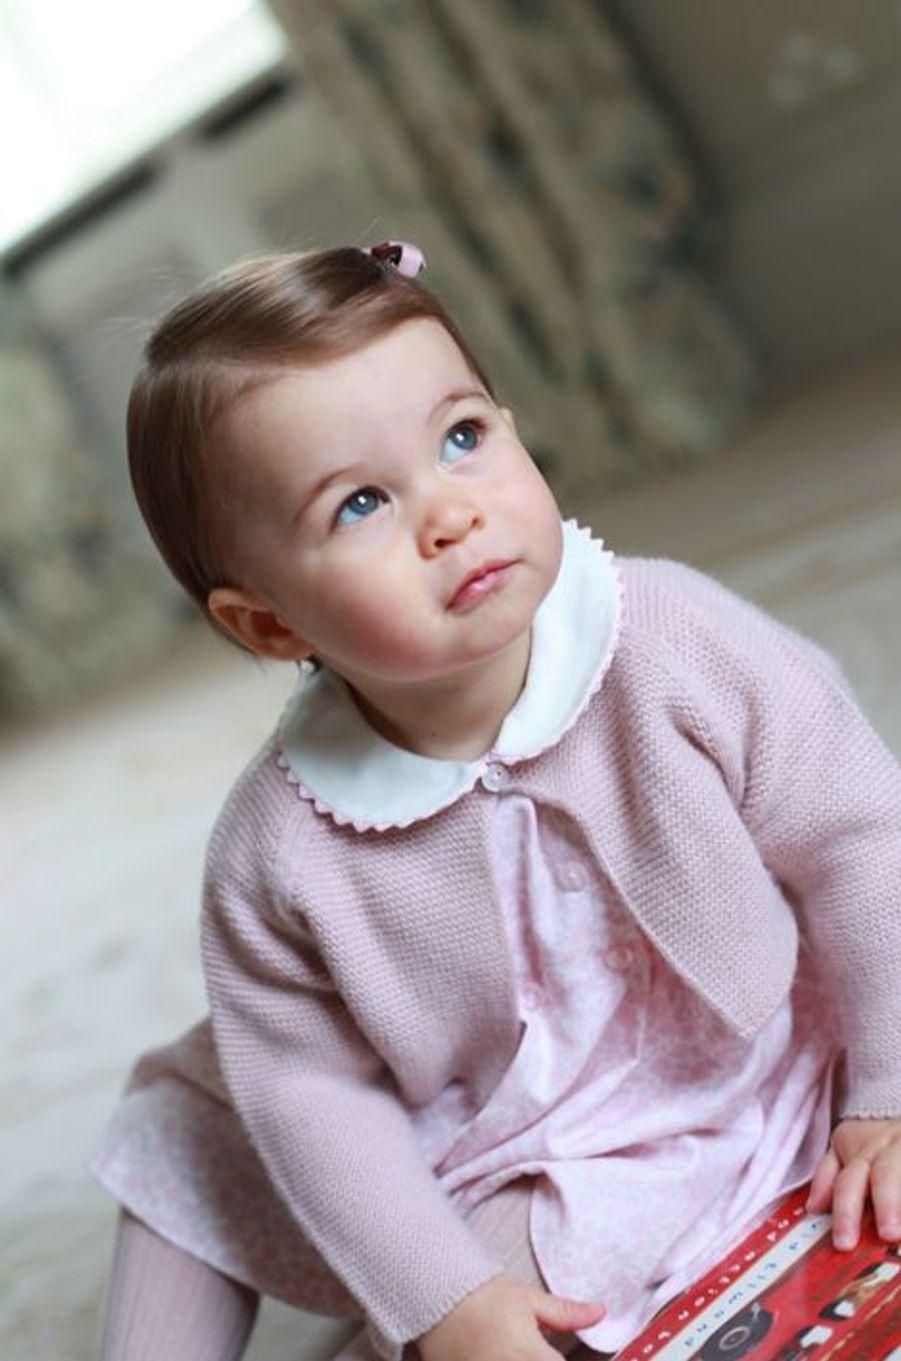 À la veille de son premier anniversaire, la princesse Charlotte pose pour des photos prises par sa mère Kate, la duchesse de Cambridge, sur quatre clichés révélés ce dimanche 1er mai.Chaque dimanche, le Royal Blog de Paris Match vous propose de voir ou revoir les plus belles photographies de la semaine royale.